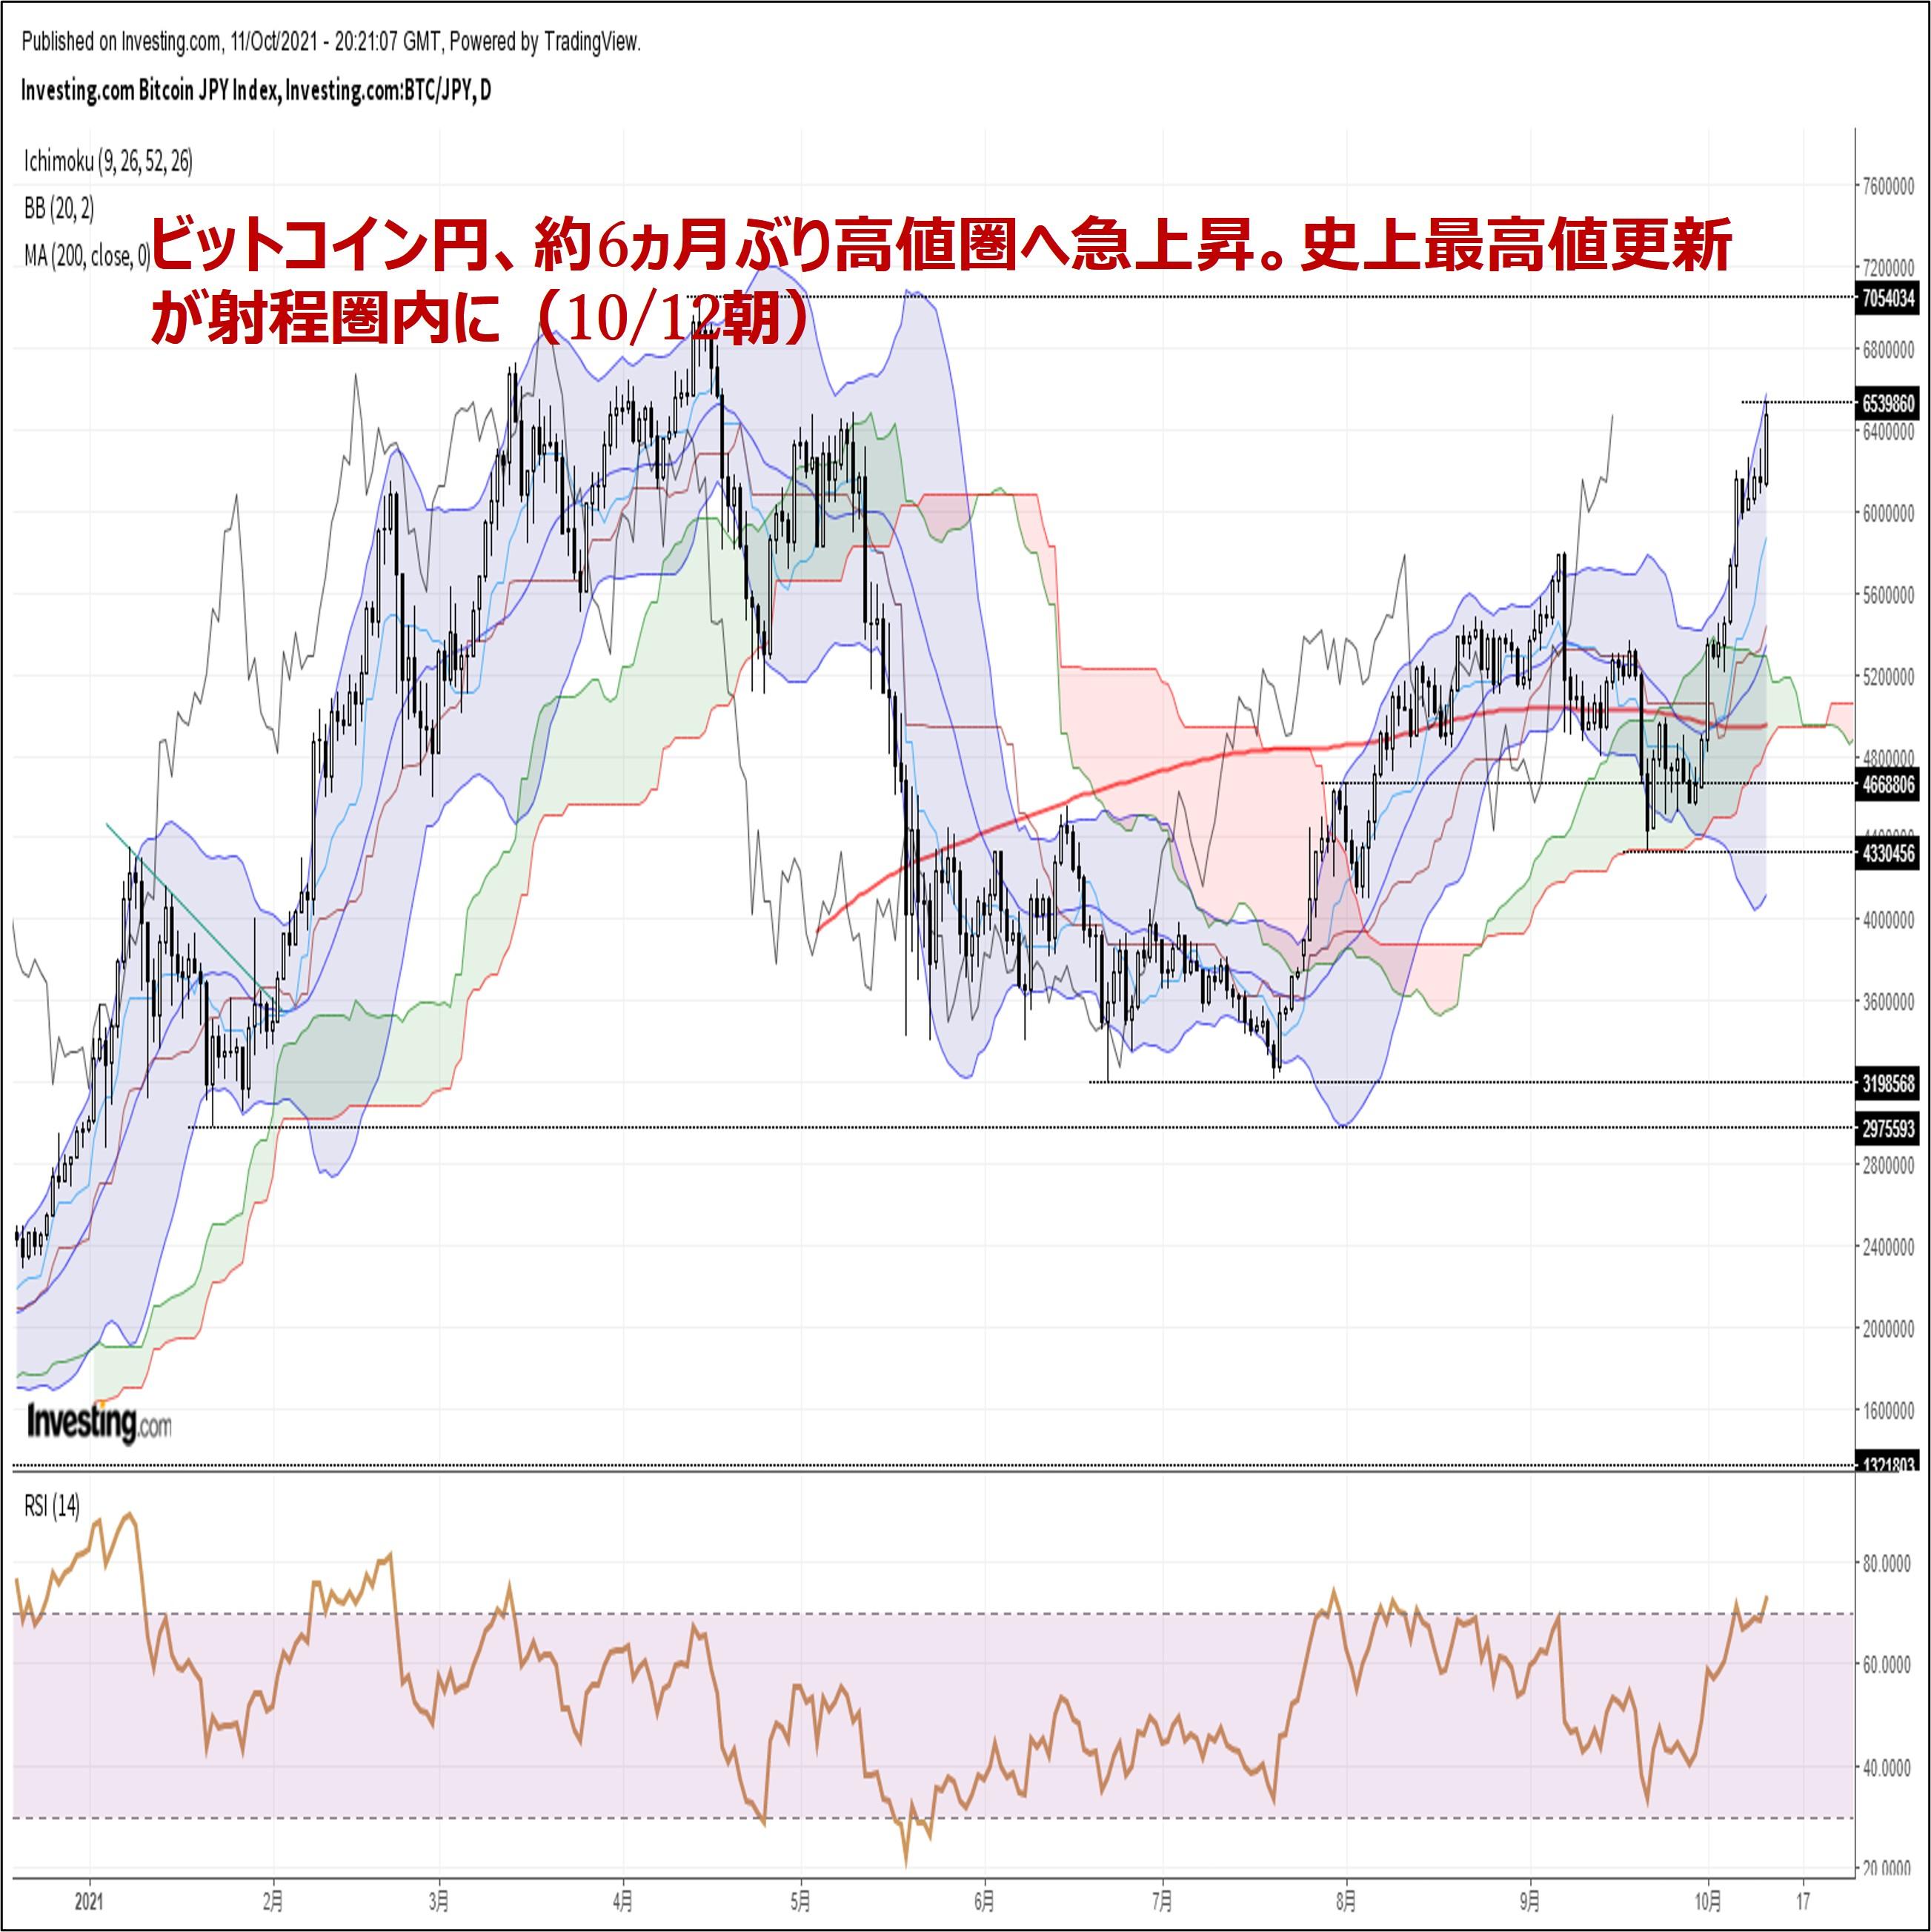 ビットコイン円、約6ヵ月ぶり高値圏へ急上昇。史上最高値更新が射程圏内に(10/12朝)